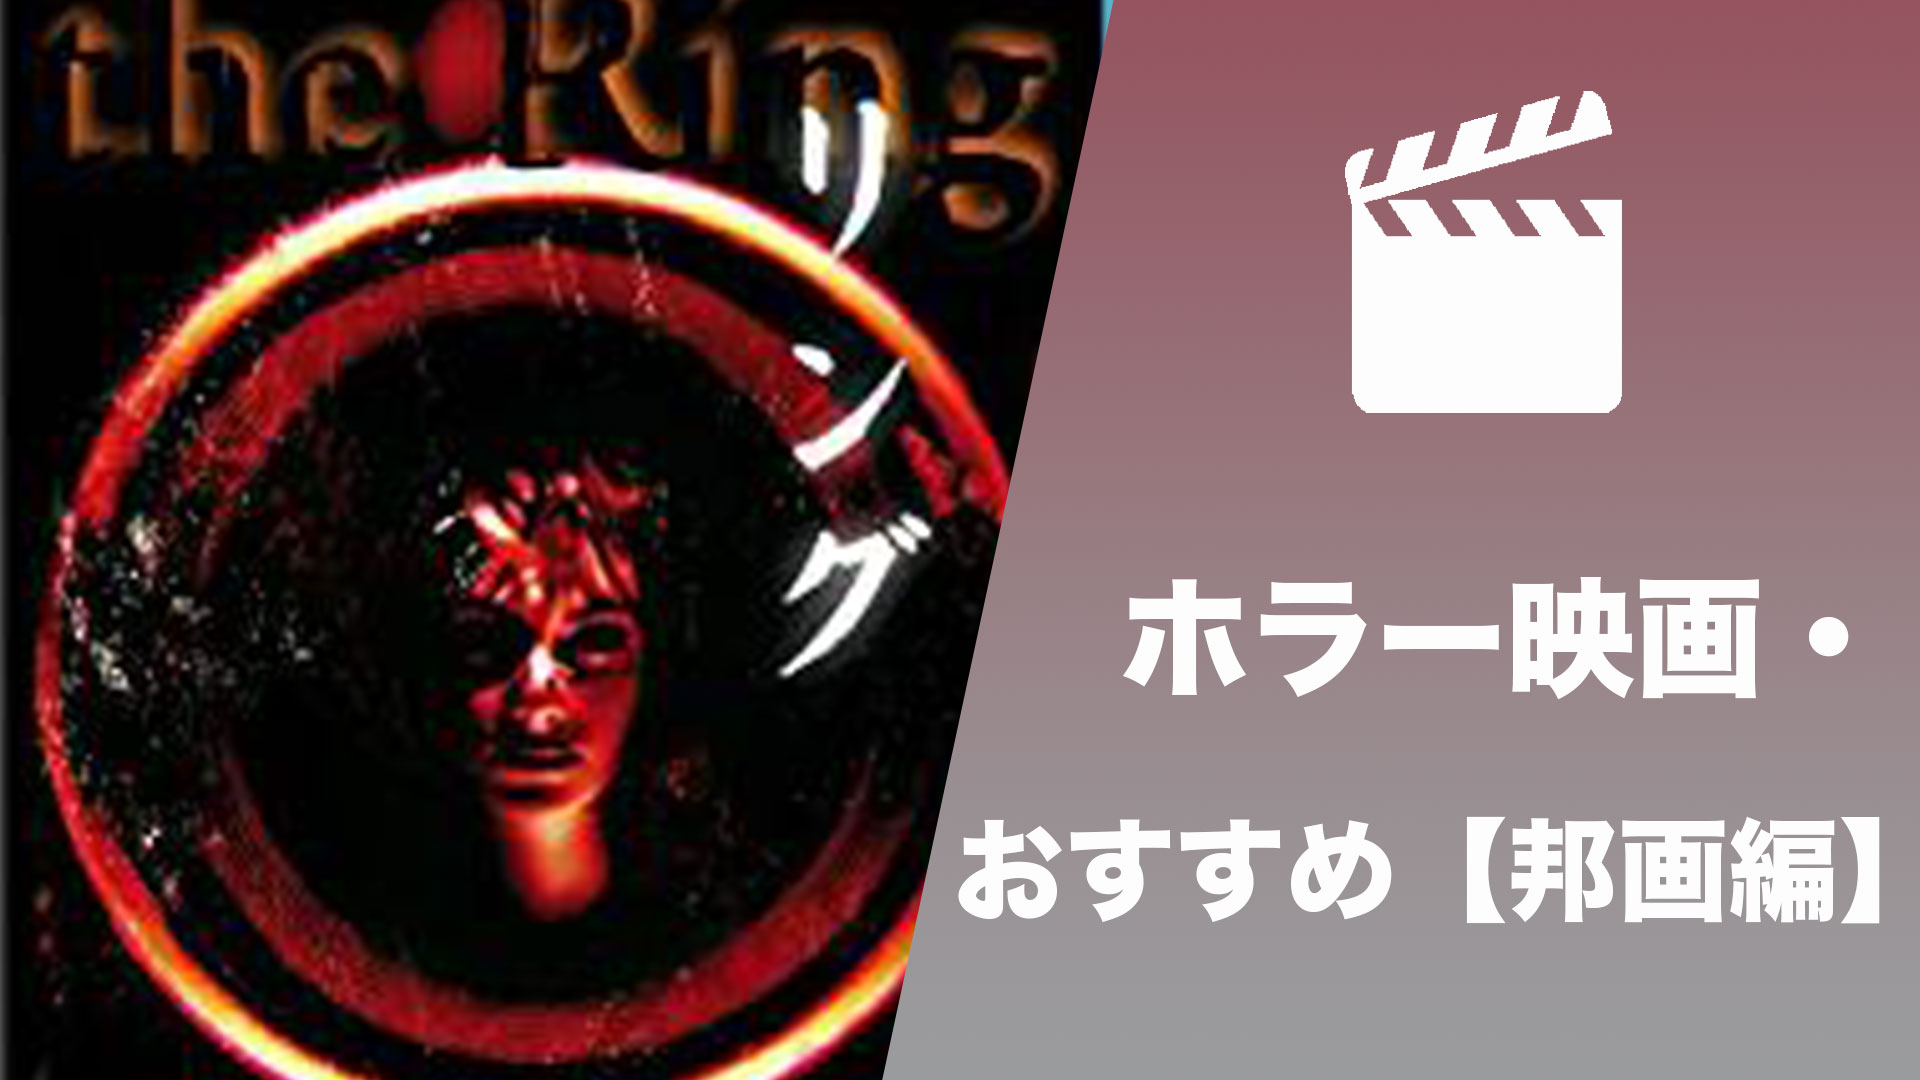 【一番怖い】日本のホラー映画おすすめランキング20選【邦画編】